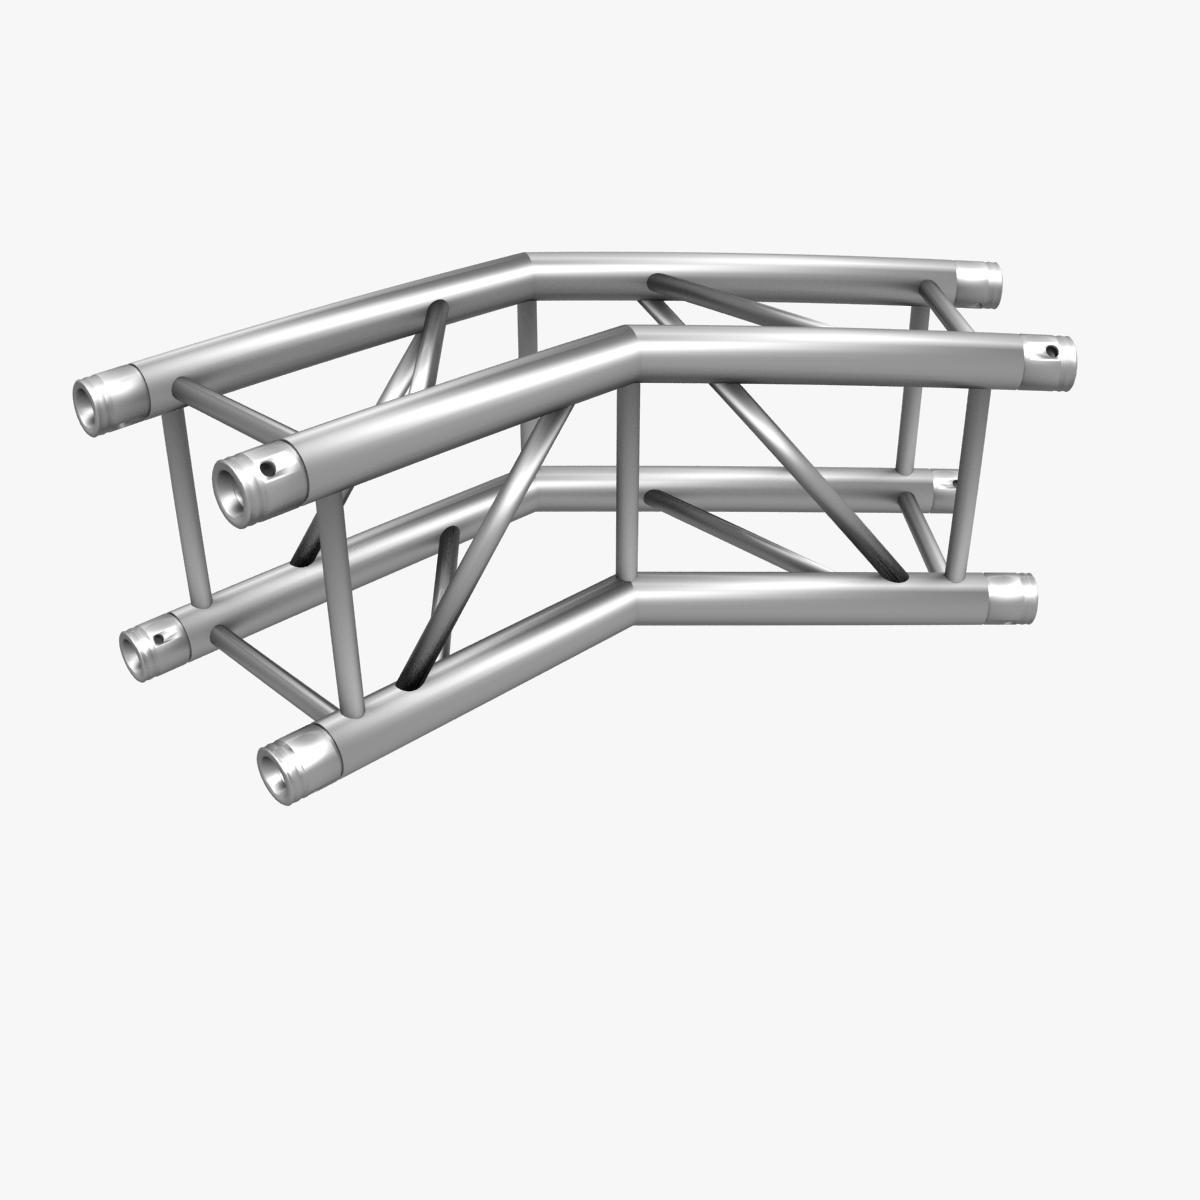 square light trusses (collection 50 modular) 3d model 3ds max dxf fbx c4d dae texture obj 216185